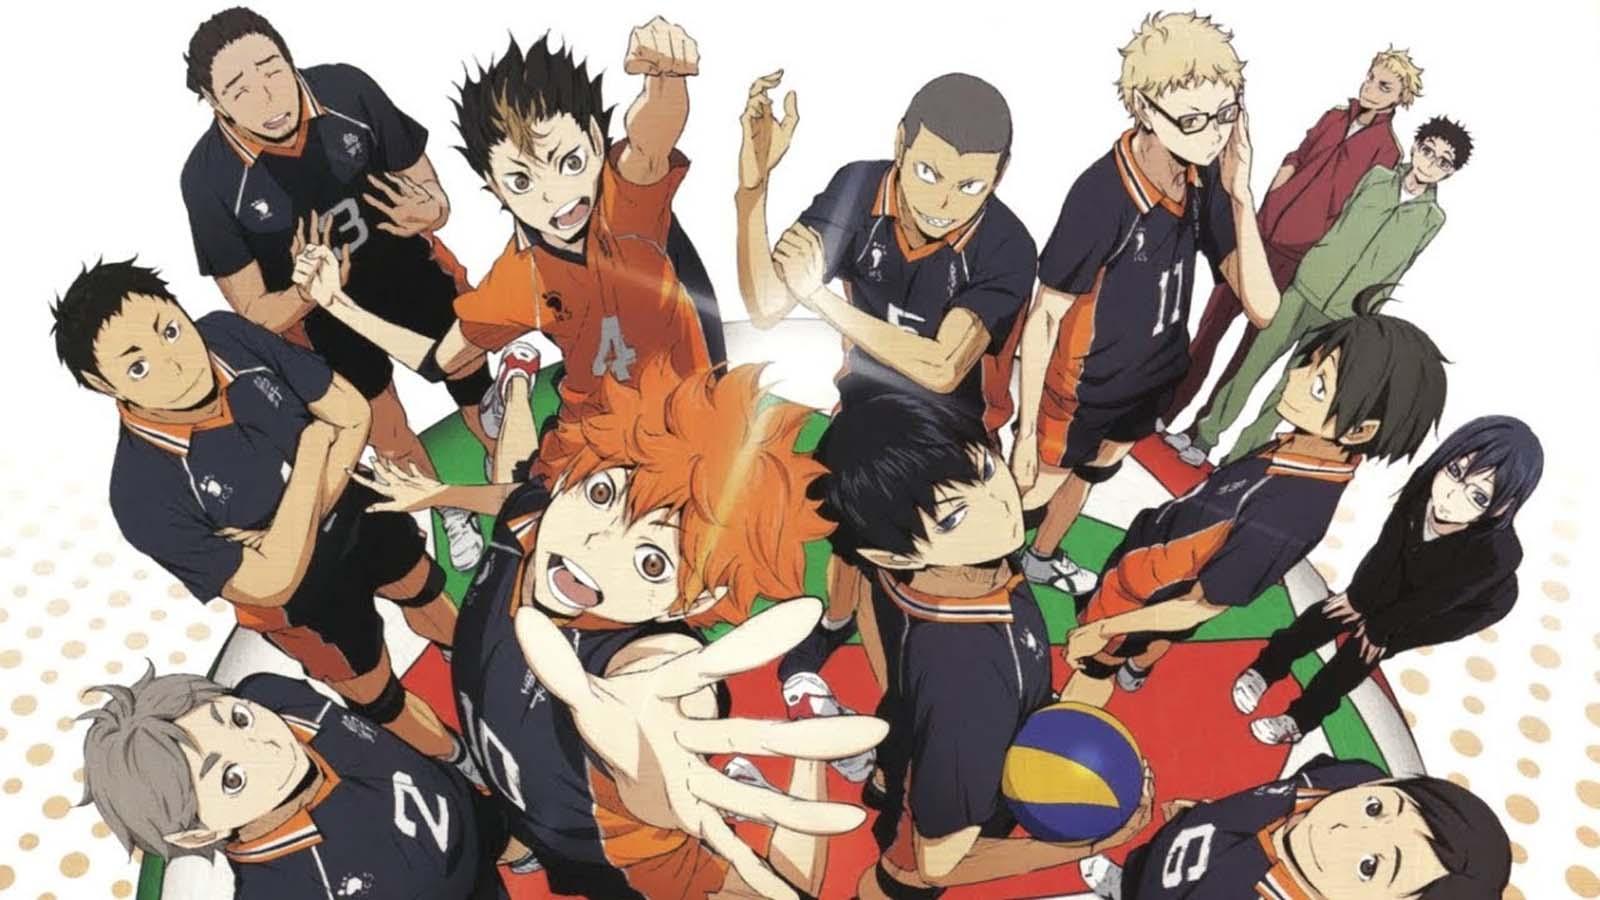 Los mejores mangas de Deportes - Oniichanime